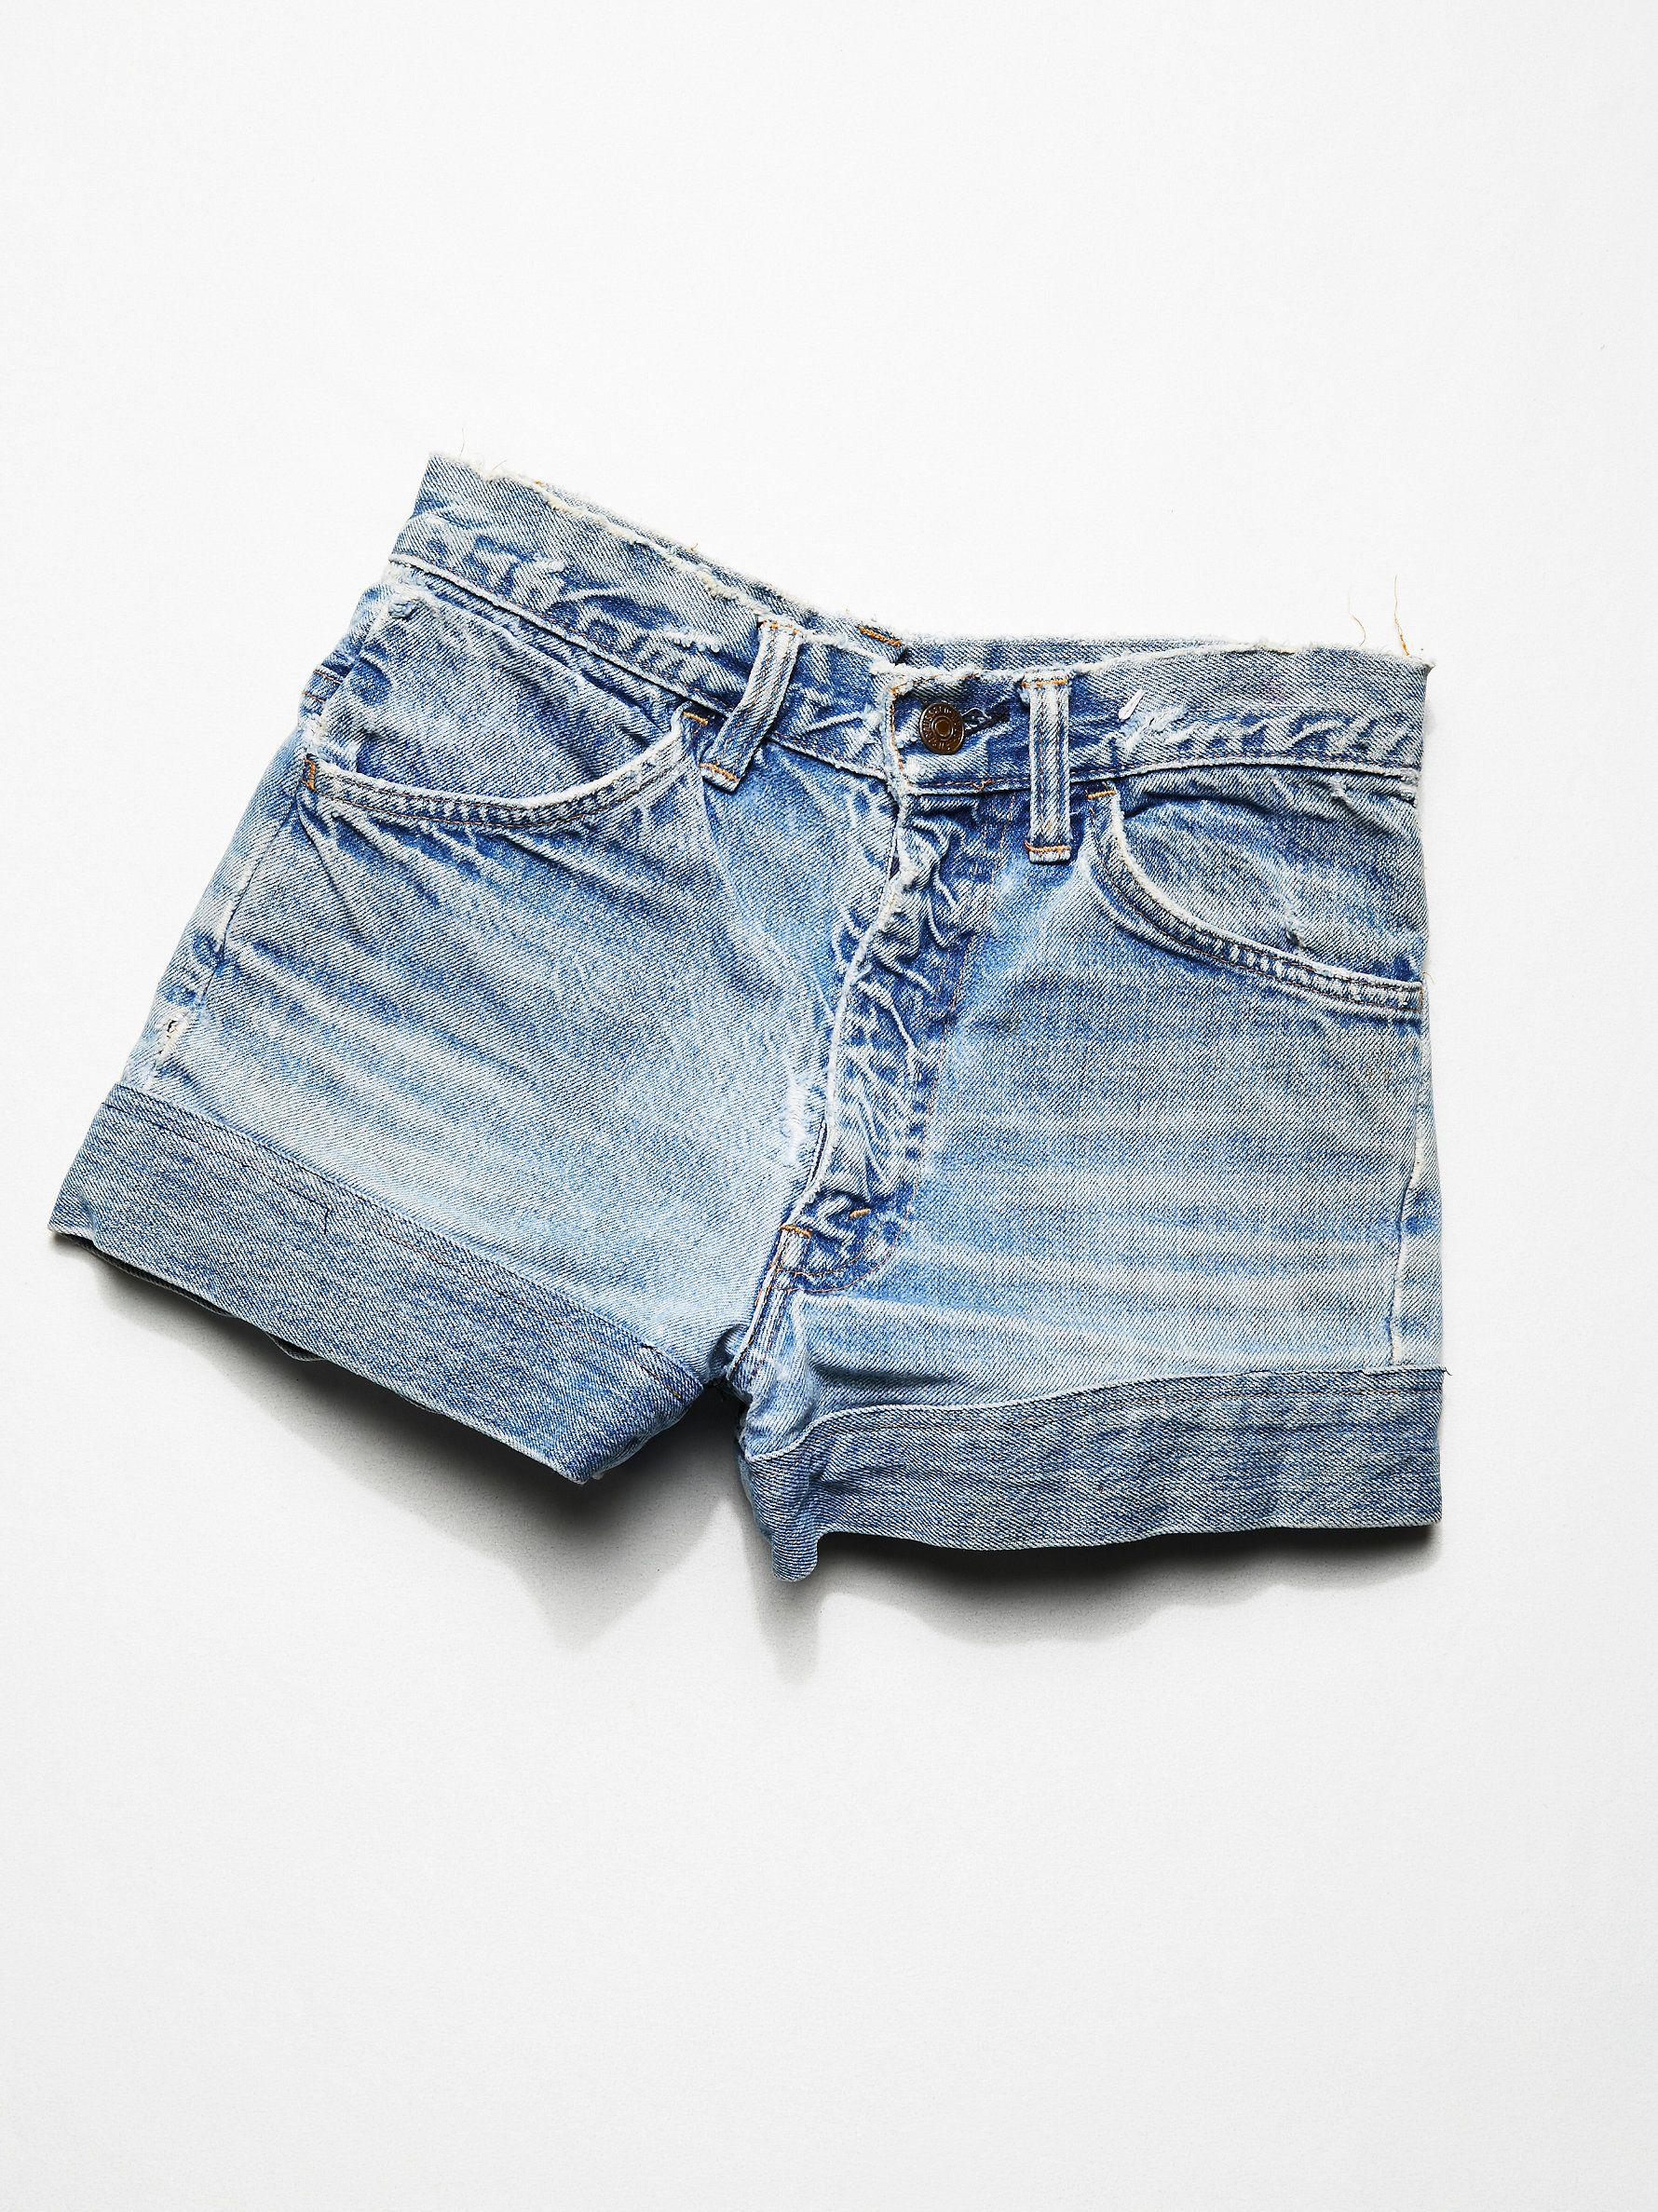 Vintage 1960s Handmade Denim Shorts Vintage denim shorts